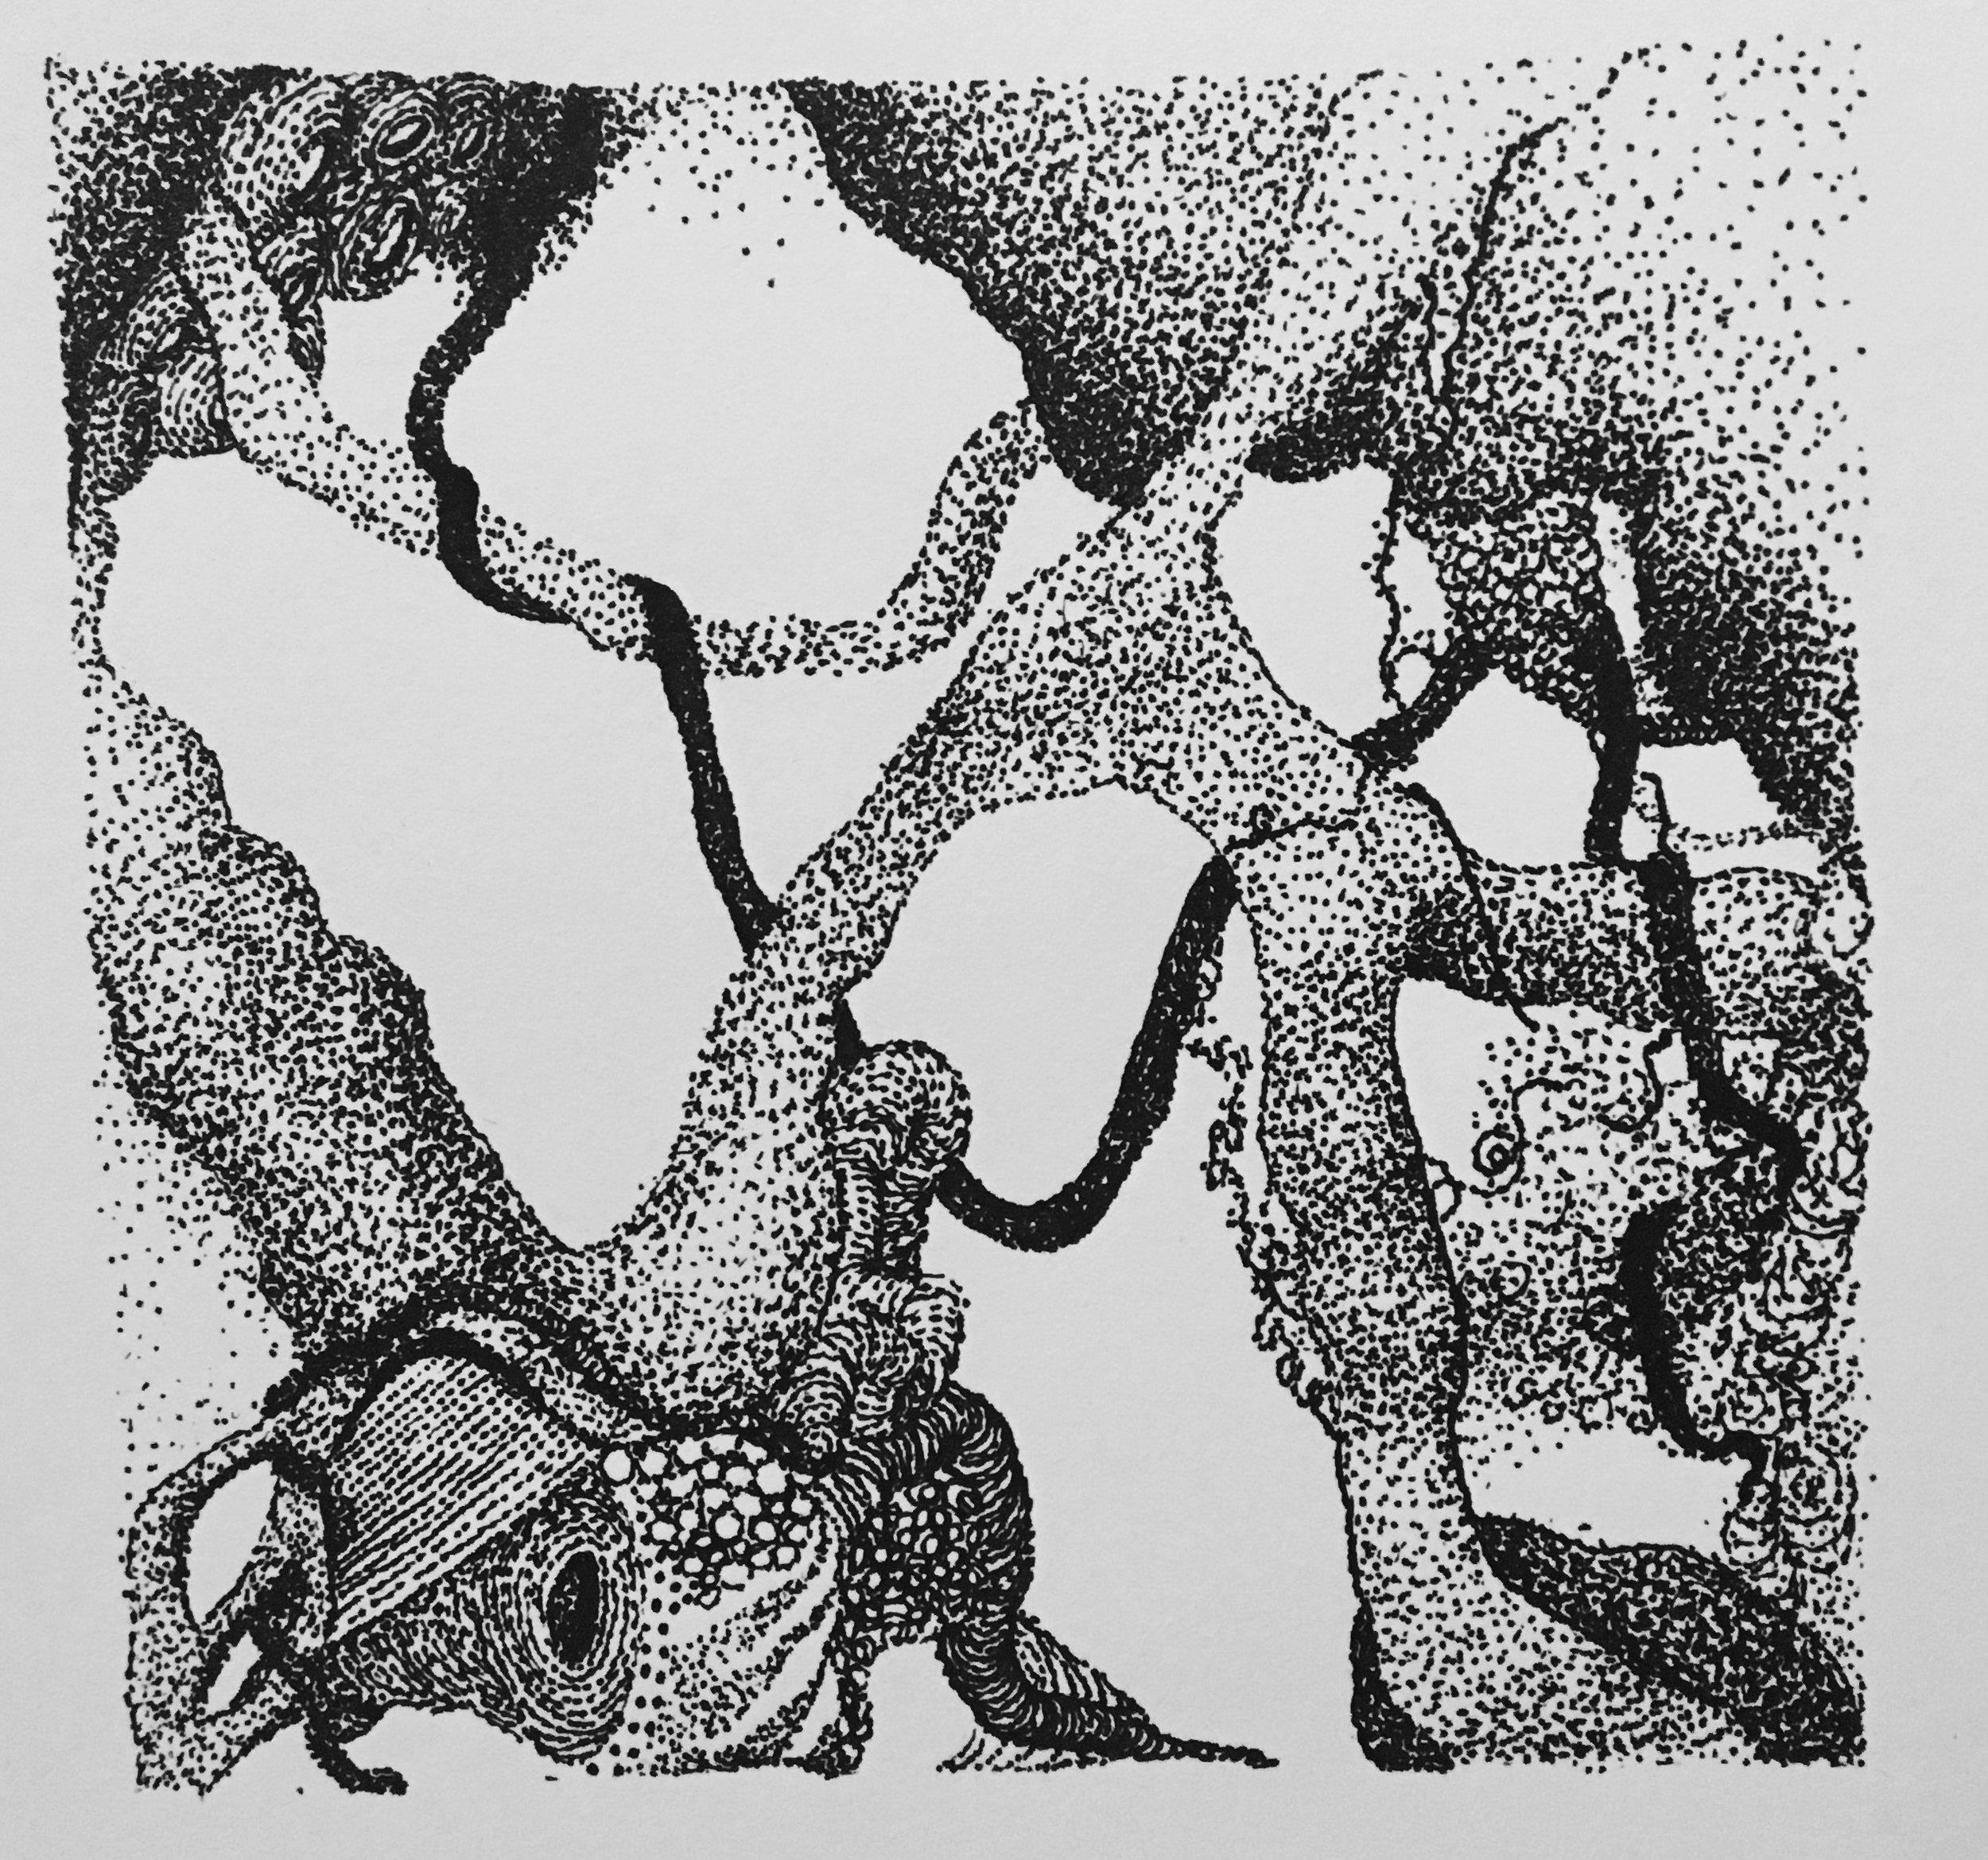 Ink Study III, 2017